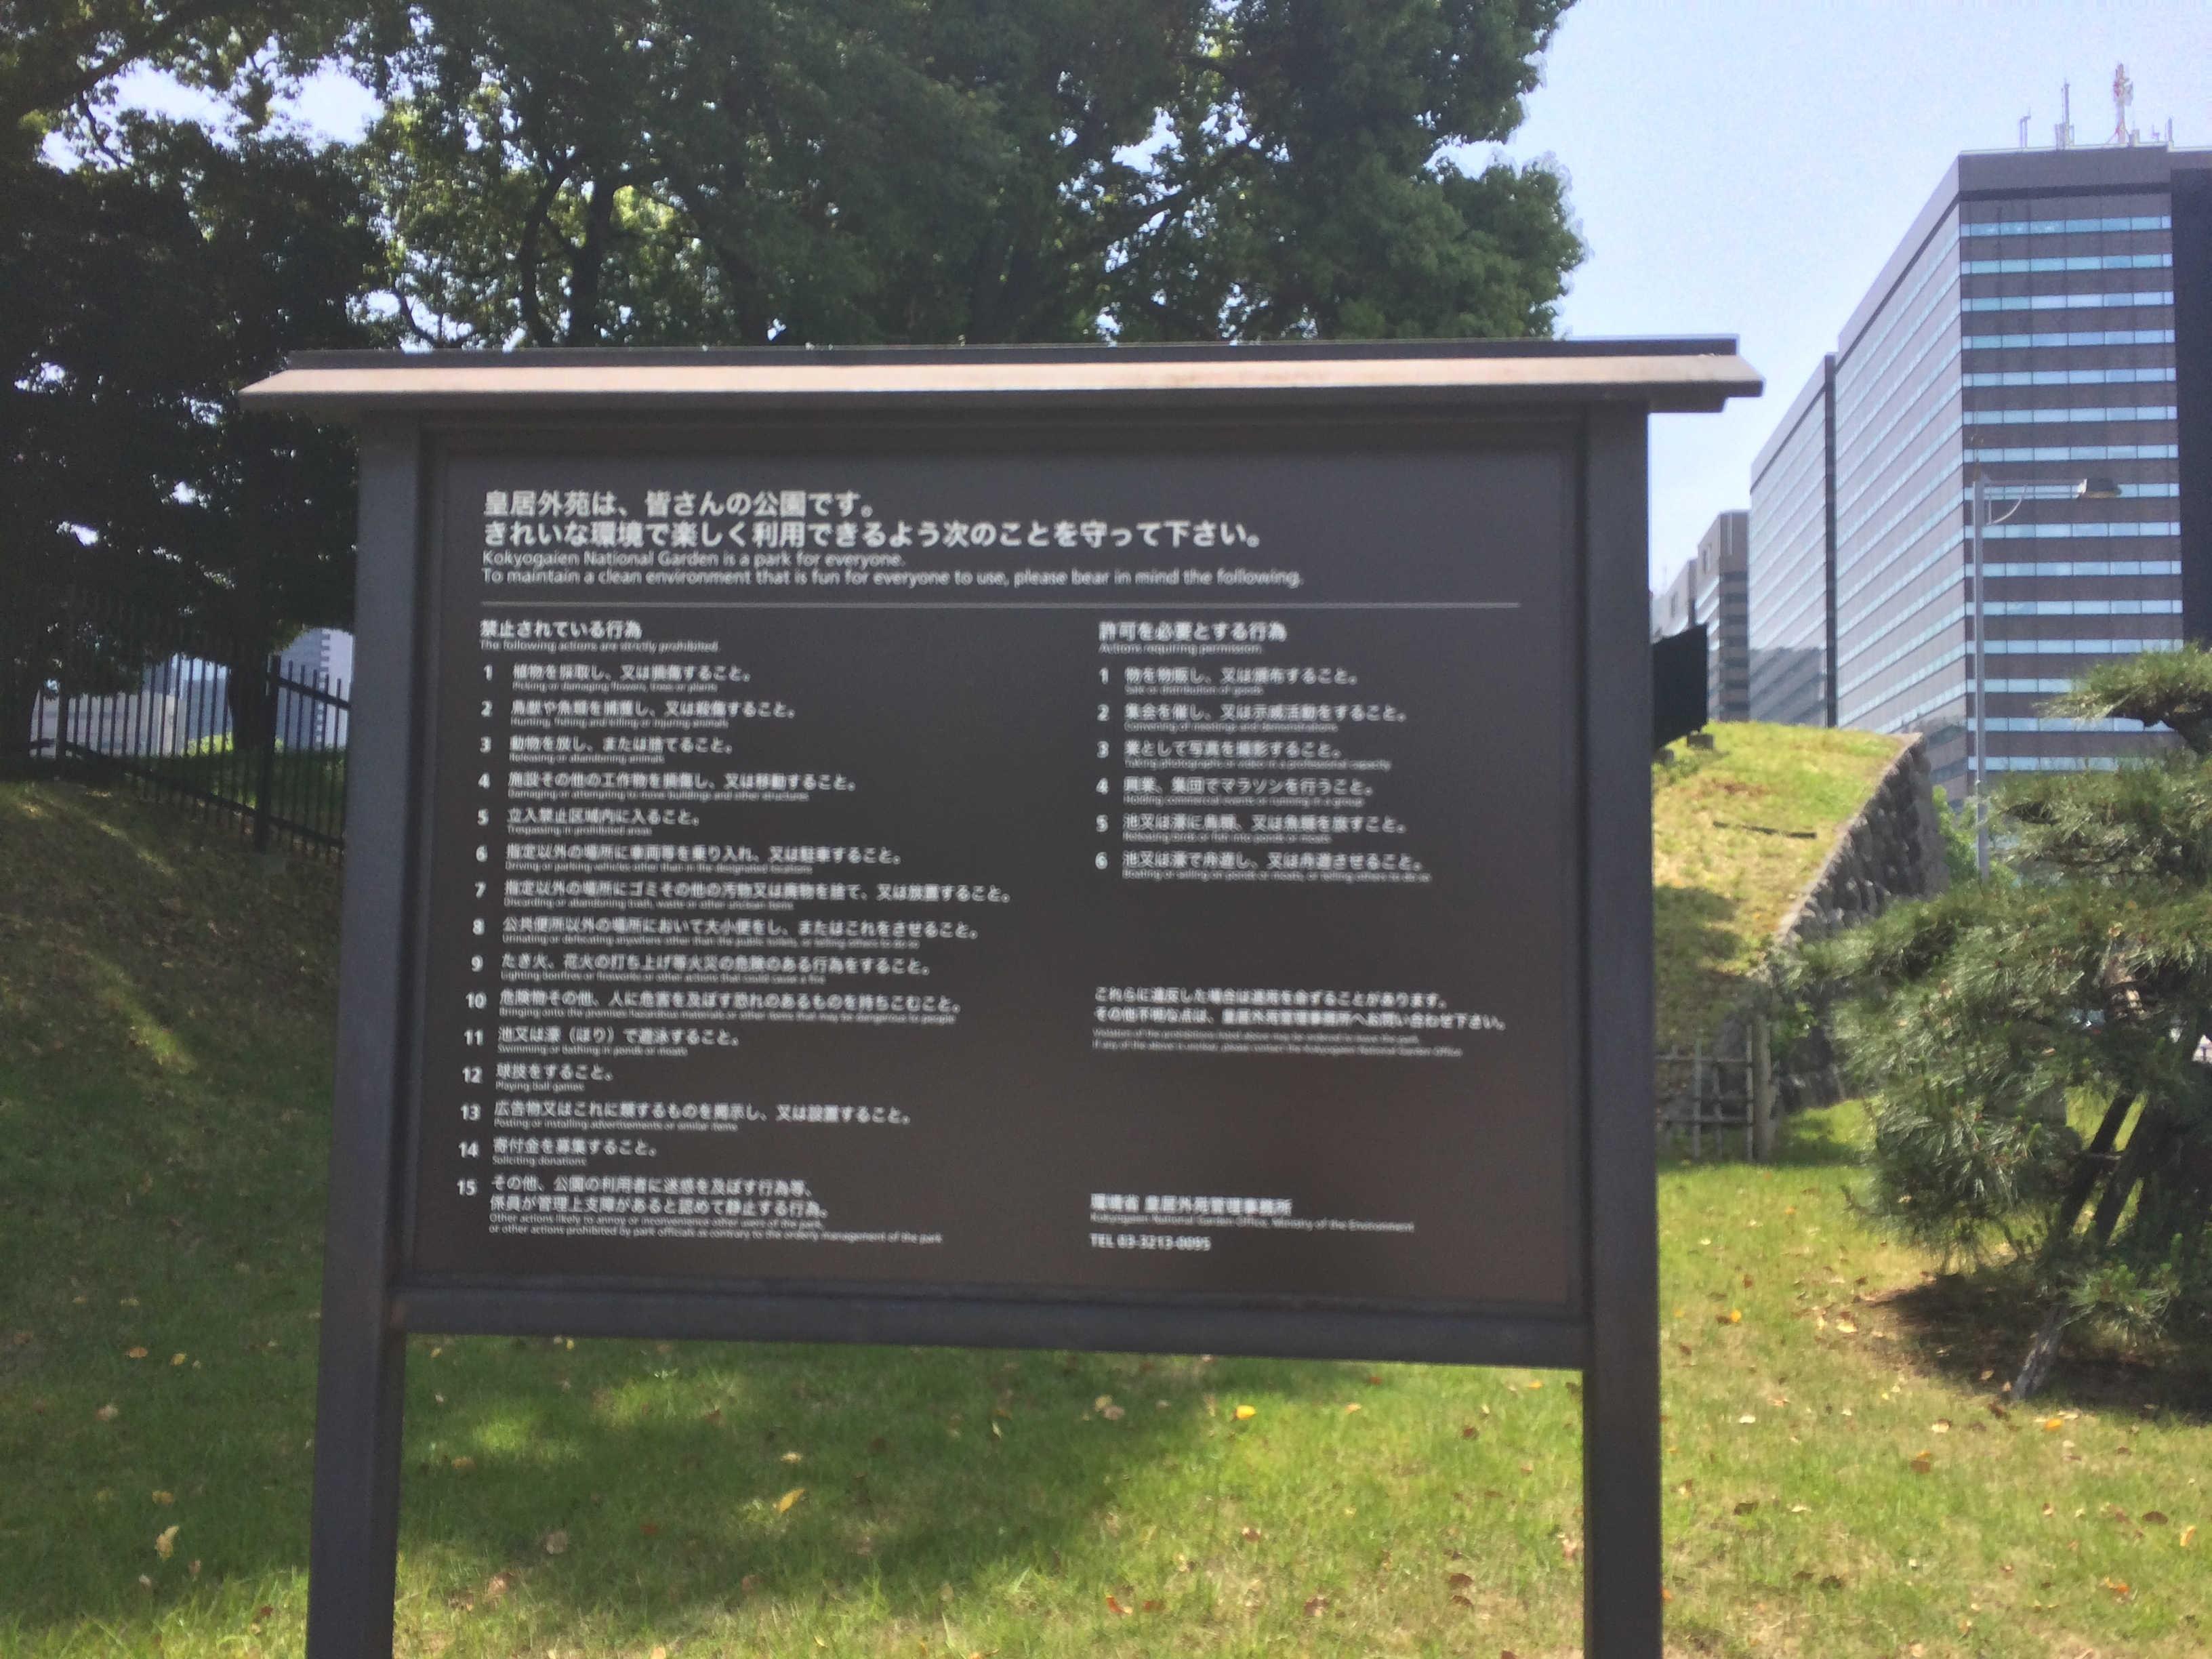 皇居外苑は、皆さんの公園です。